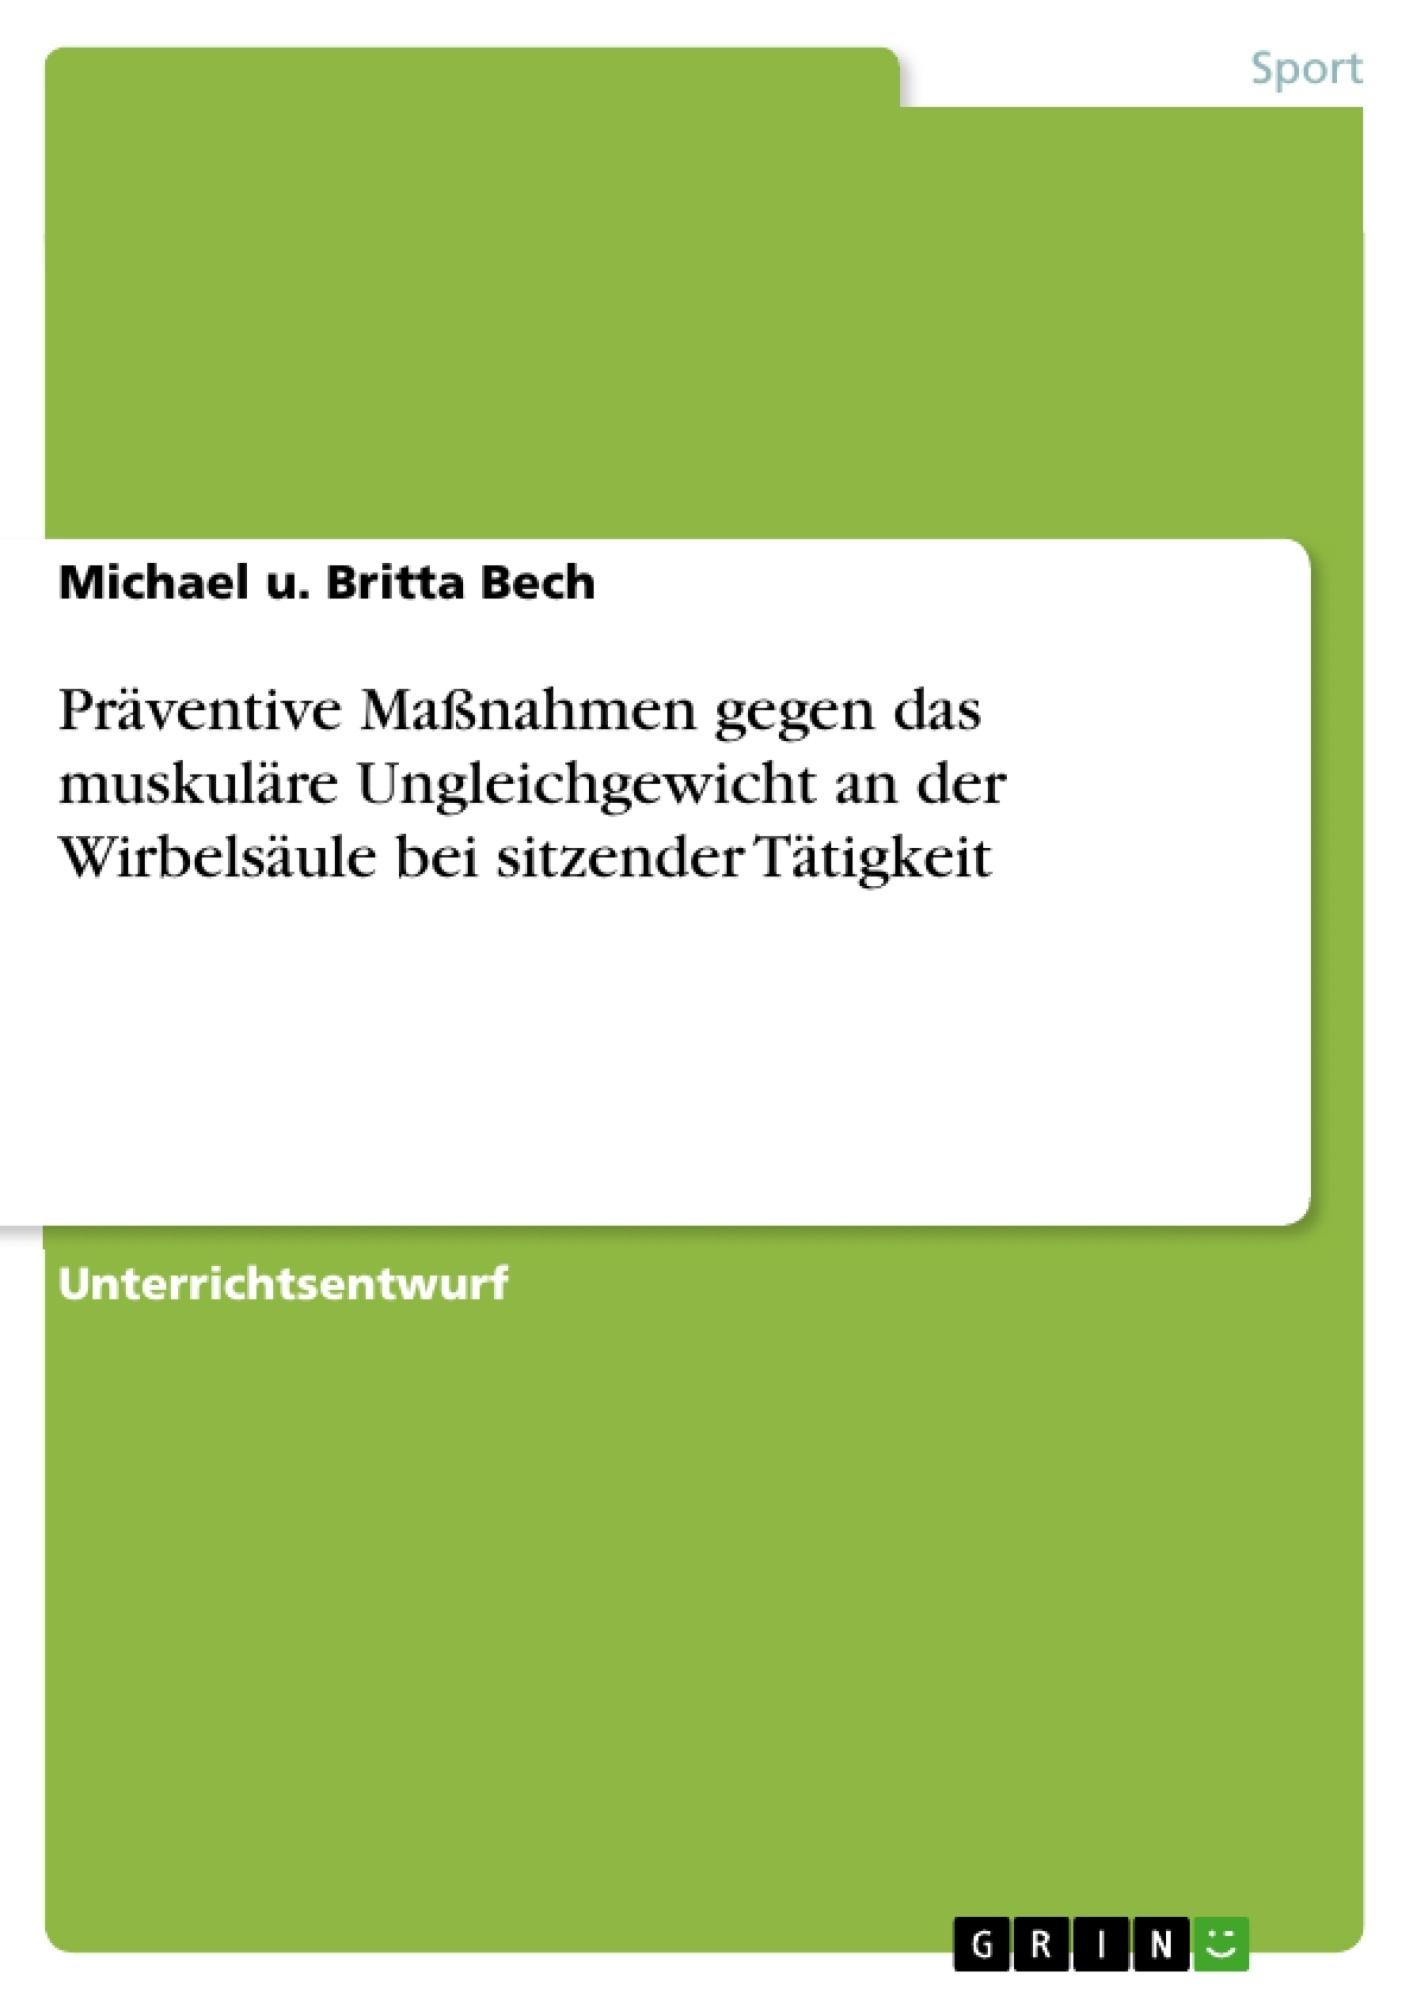 Titel: Präventive Maßnahmen gegen das muskuläre Ungleichgewicht an der Wirbelsäule bei sitzender Tätigkeit